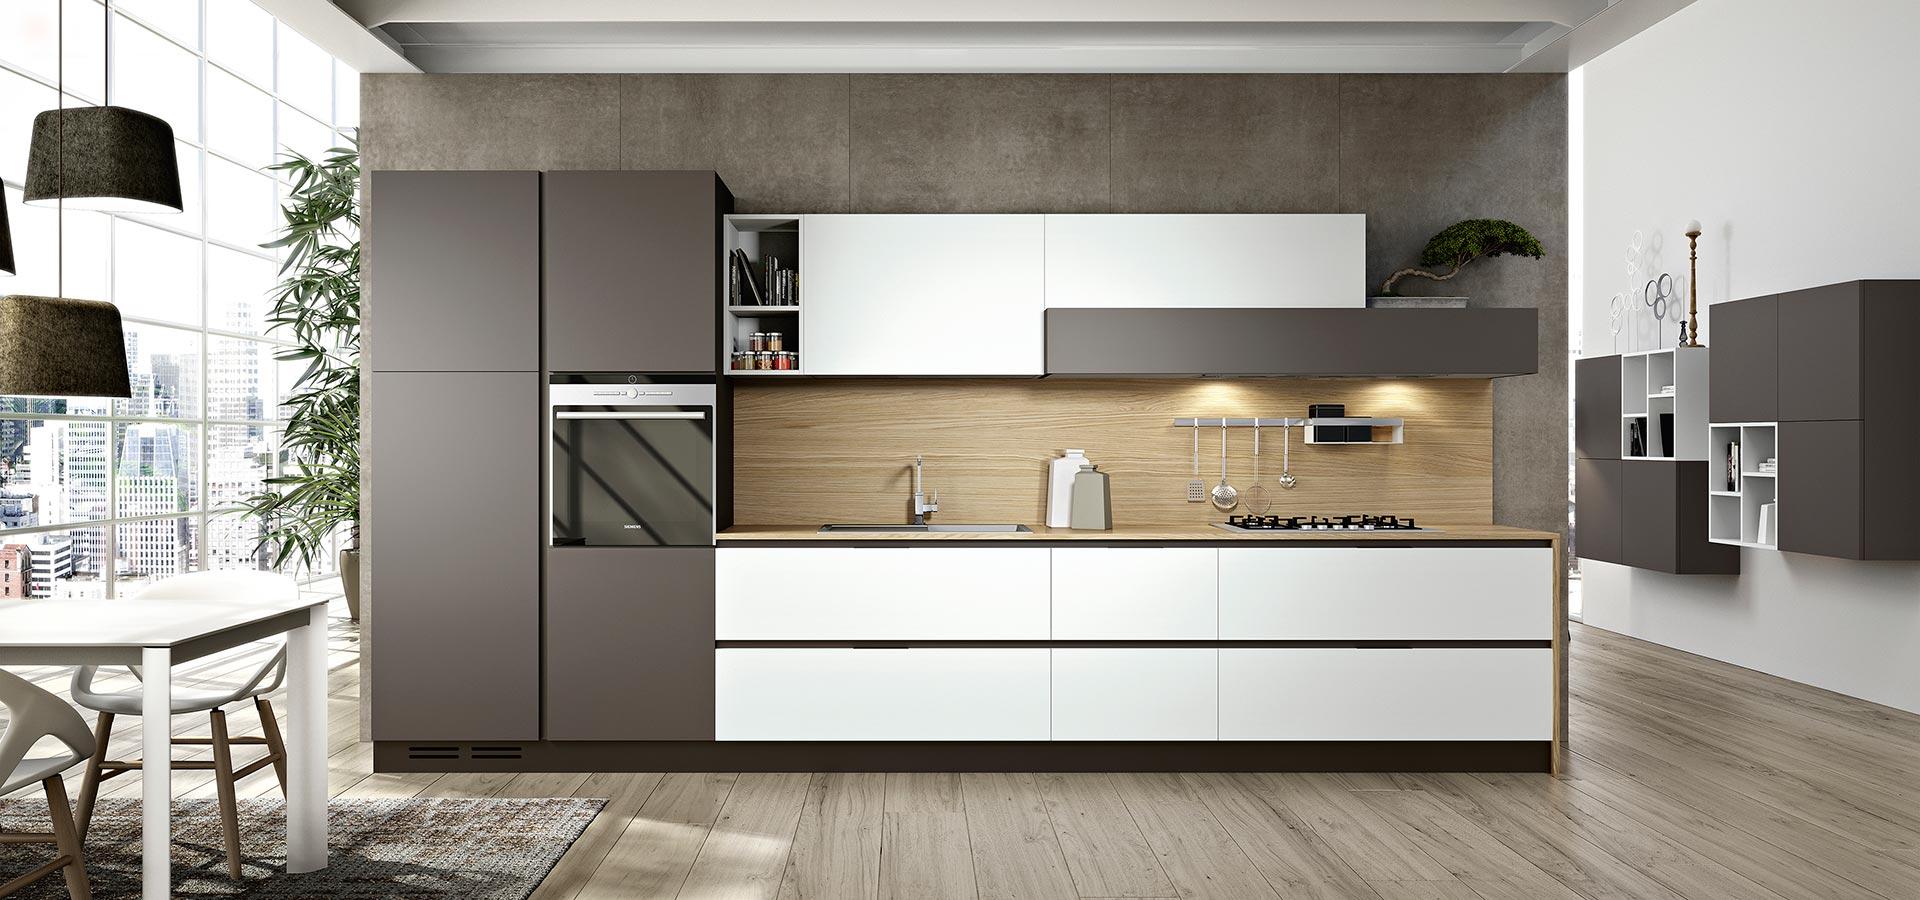 Cucina Scomparsa Ikea : Mini cucine scomparsa ikea. Cucine a ...